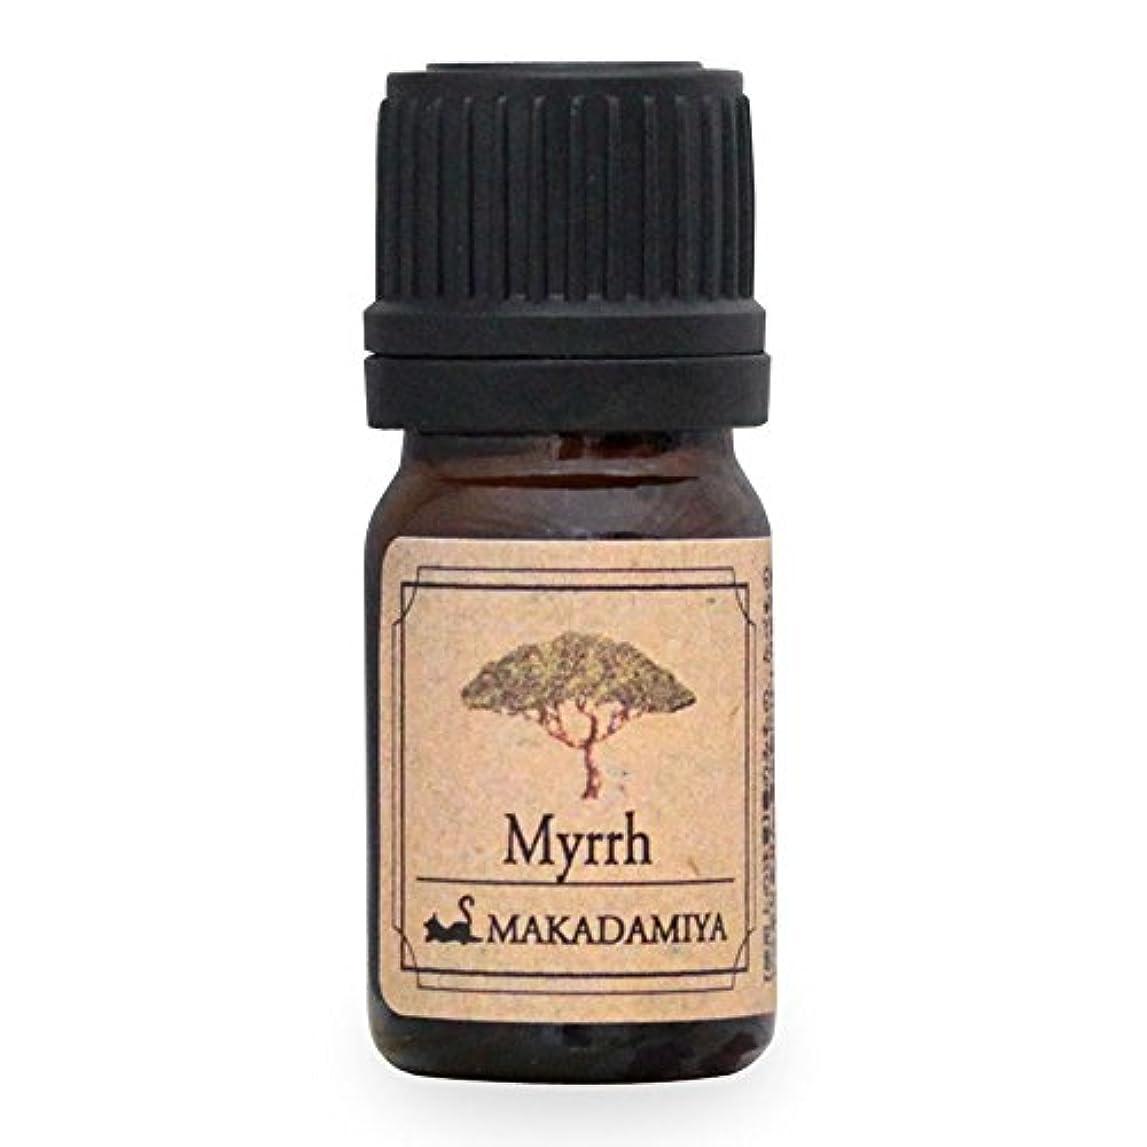 先カメスムーズにミルラ5ml 天然100%植物性 エッセンシャルオイル(精油) アロマオイル アロママッサージ aroma Myrrh